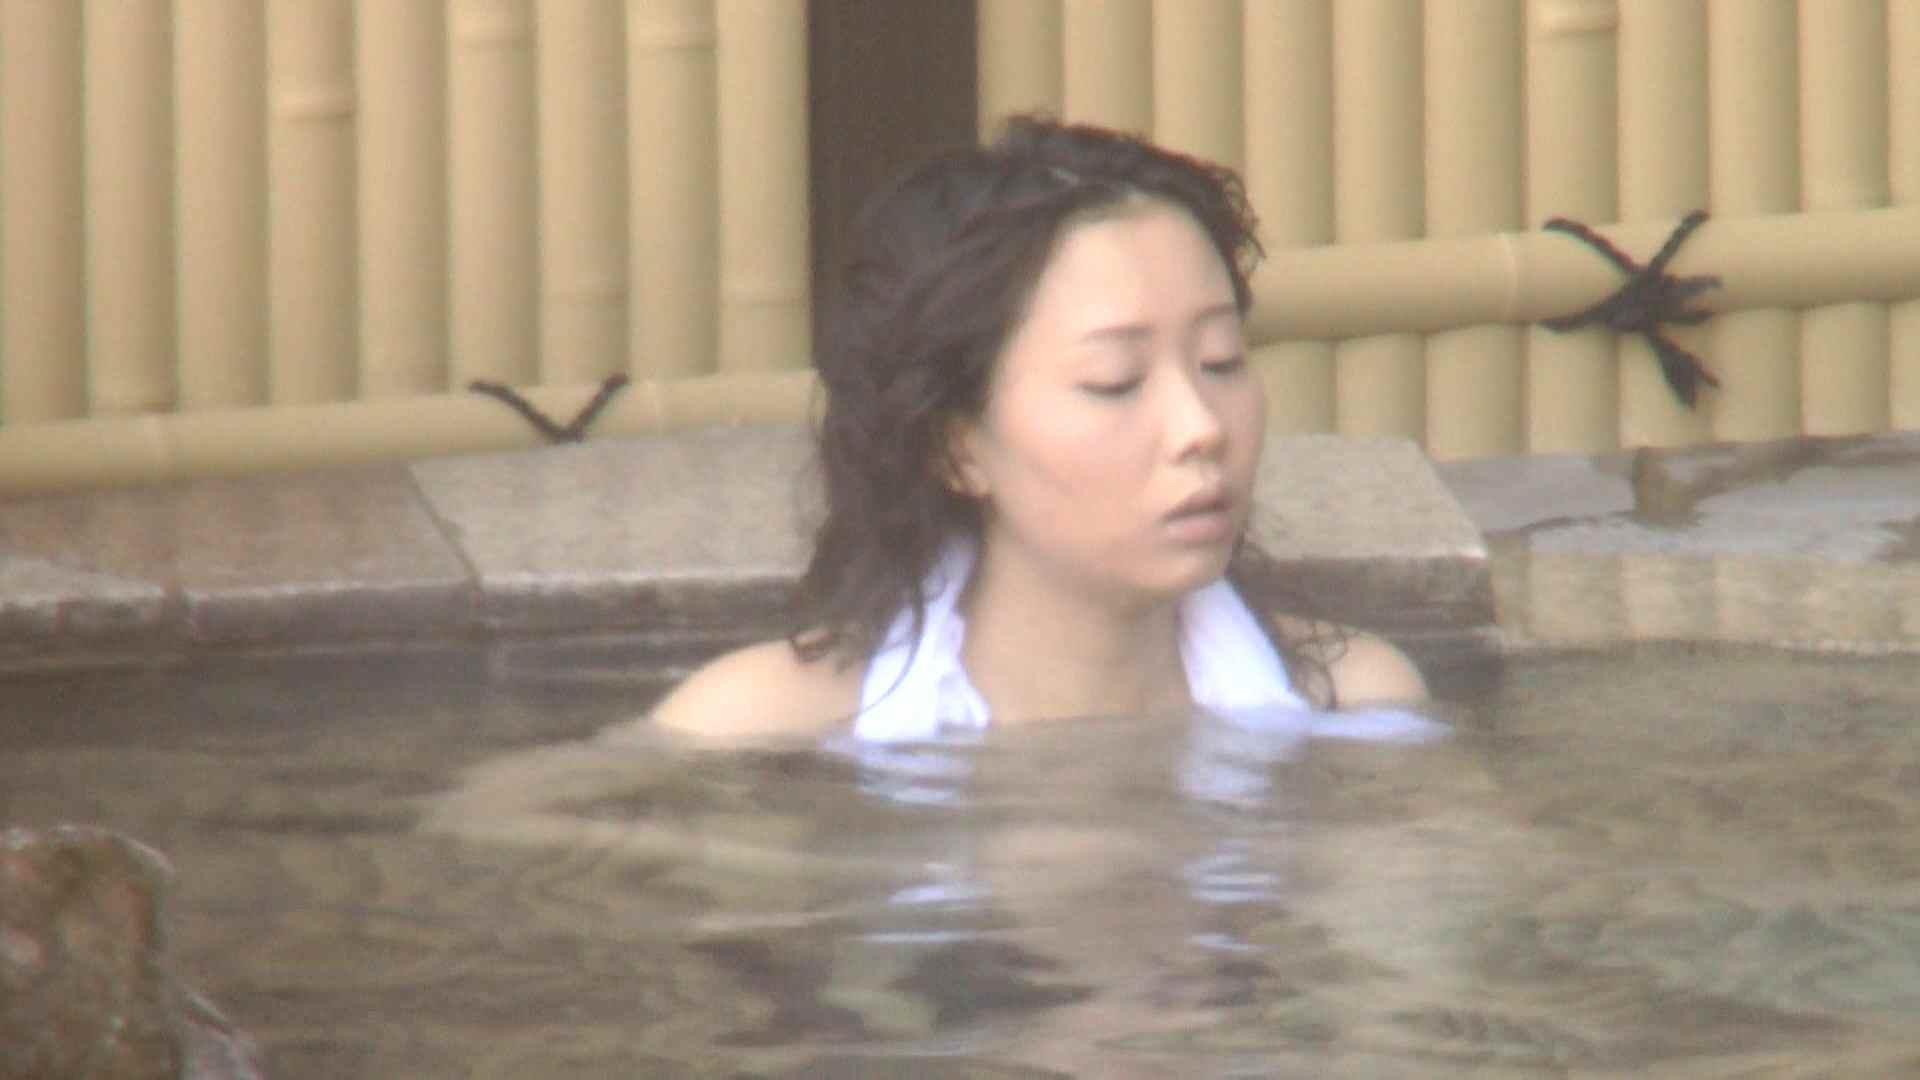 Aquaな露天風呂Vol.211 盗撮 オメコ動画キャプチャ 91連発 5